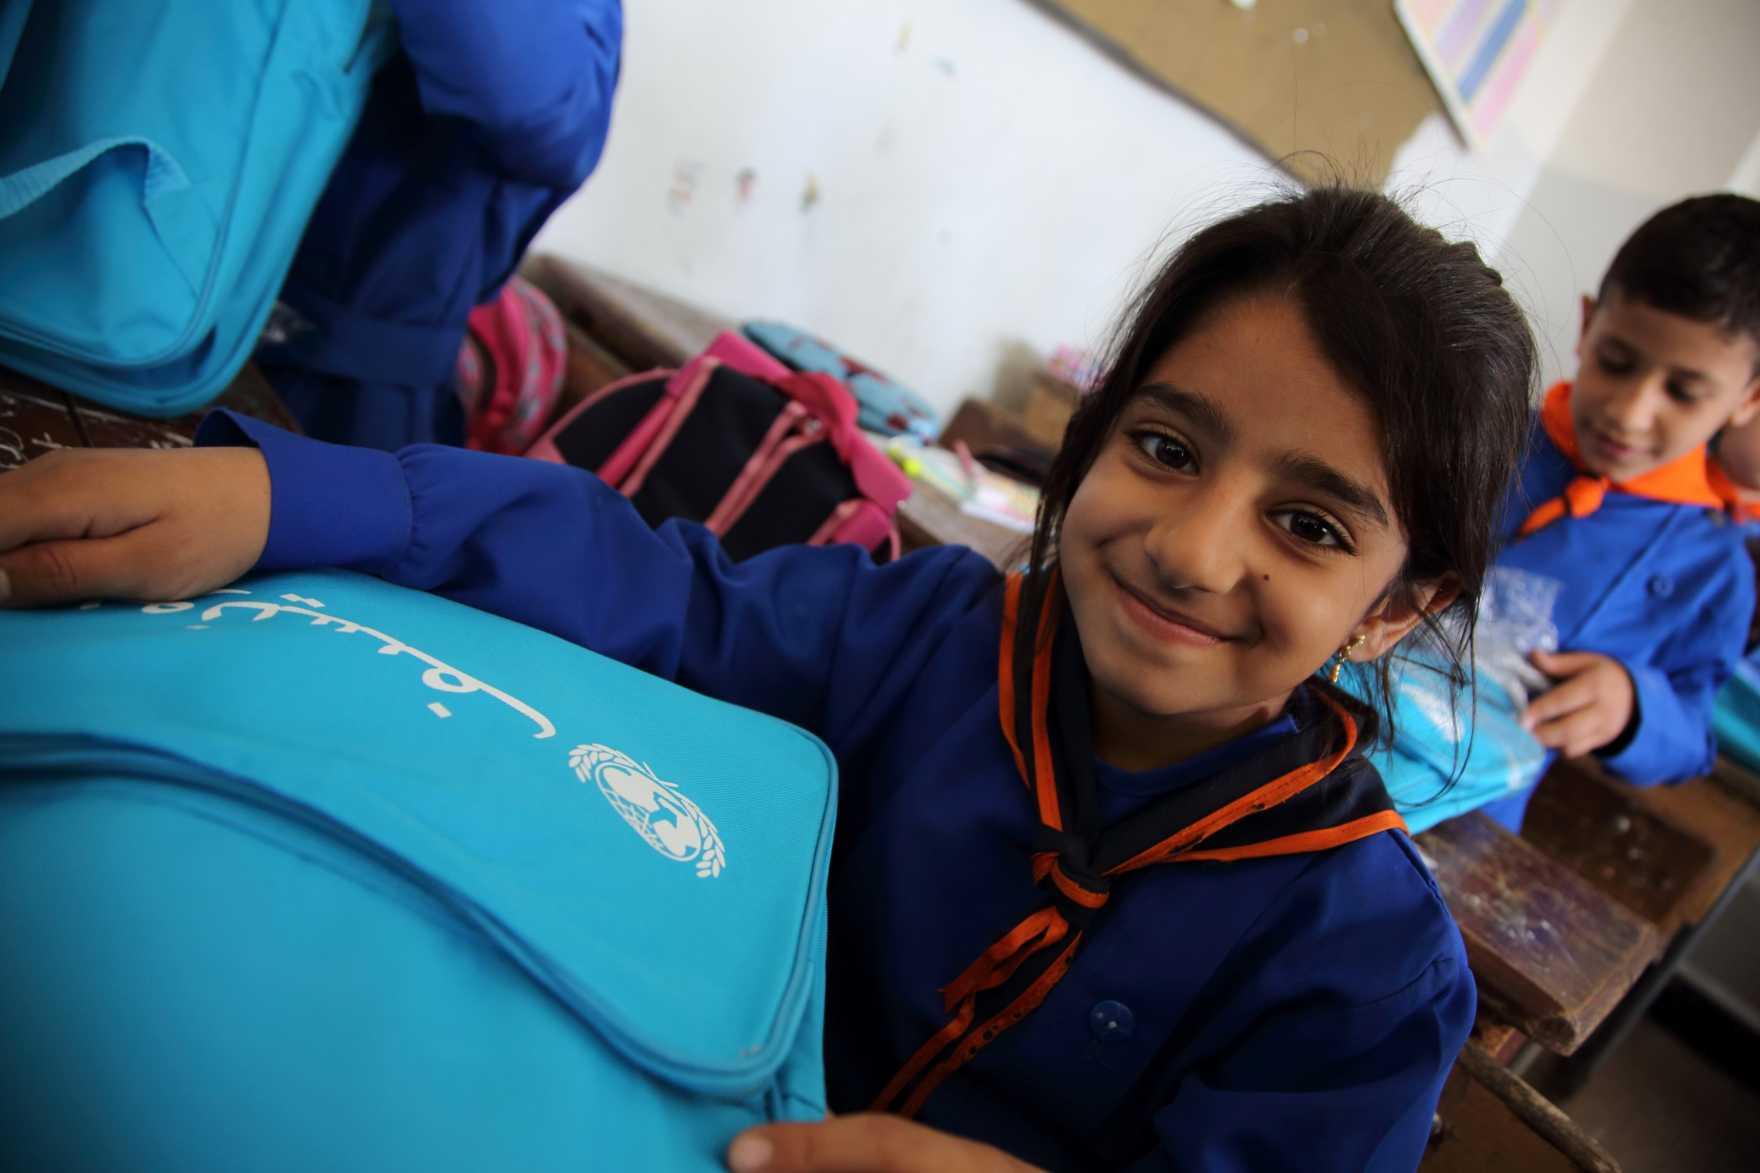 UNICEF och Efva Attling samarbetar för alla barns rättigheter